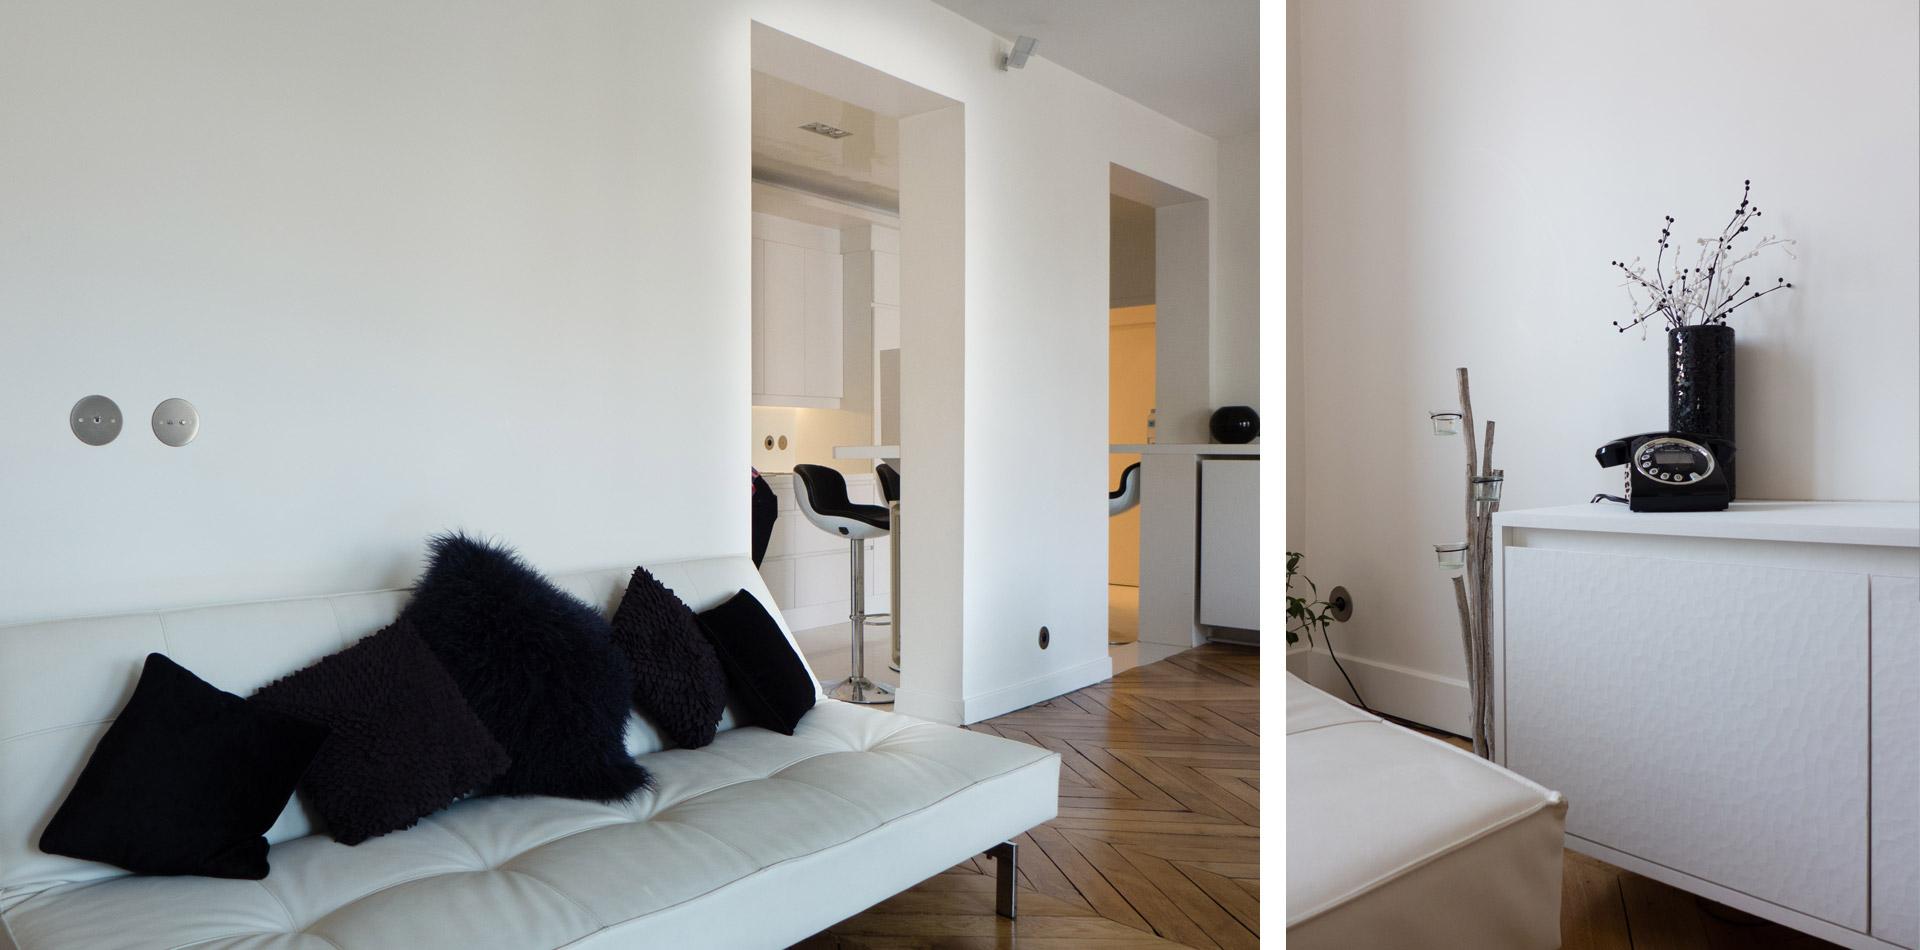 Sof architectes un appartement parisien au design blanc for Appartement design blanc